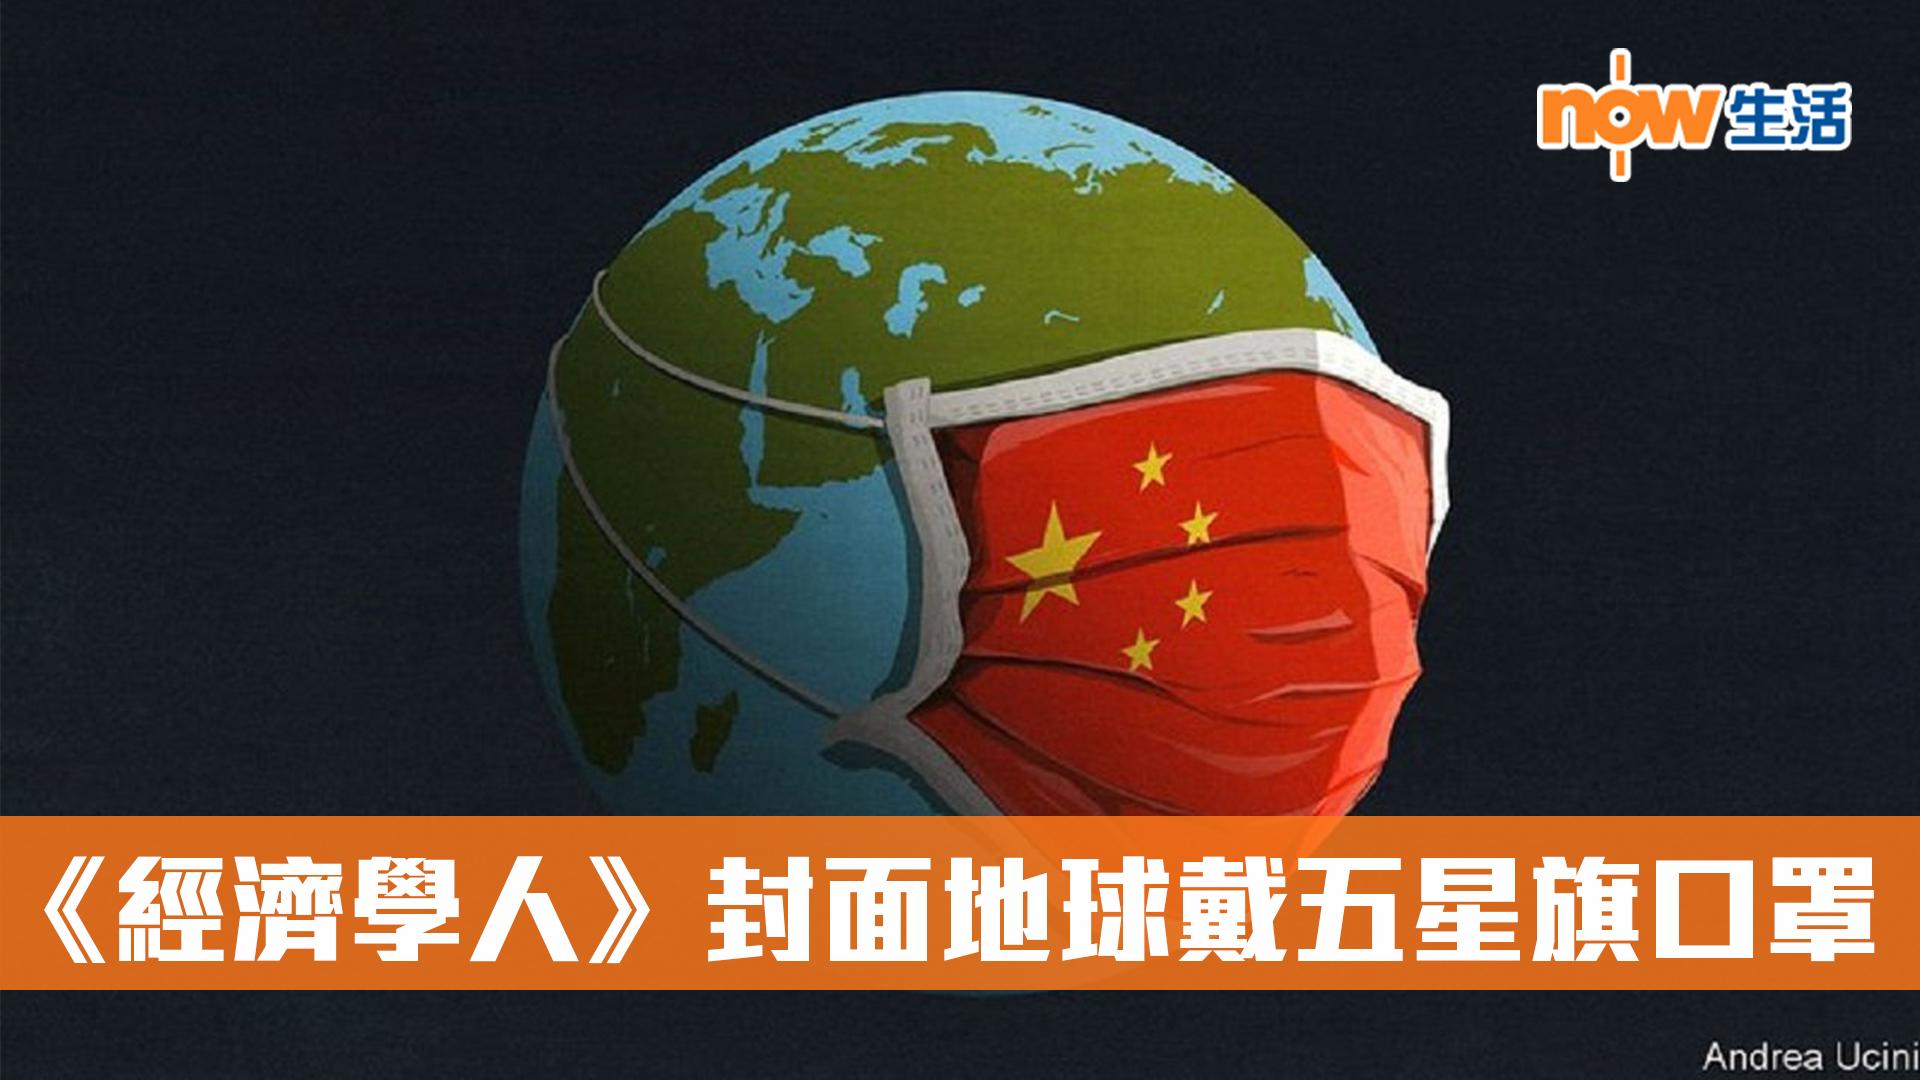 《經濟學人》封面地球戴五星旗口罩 惹中國網民不滿